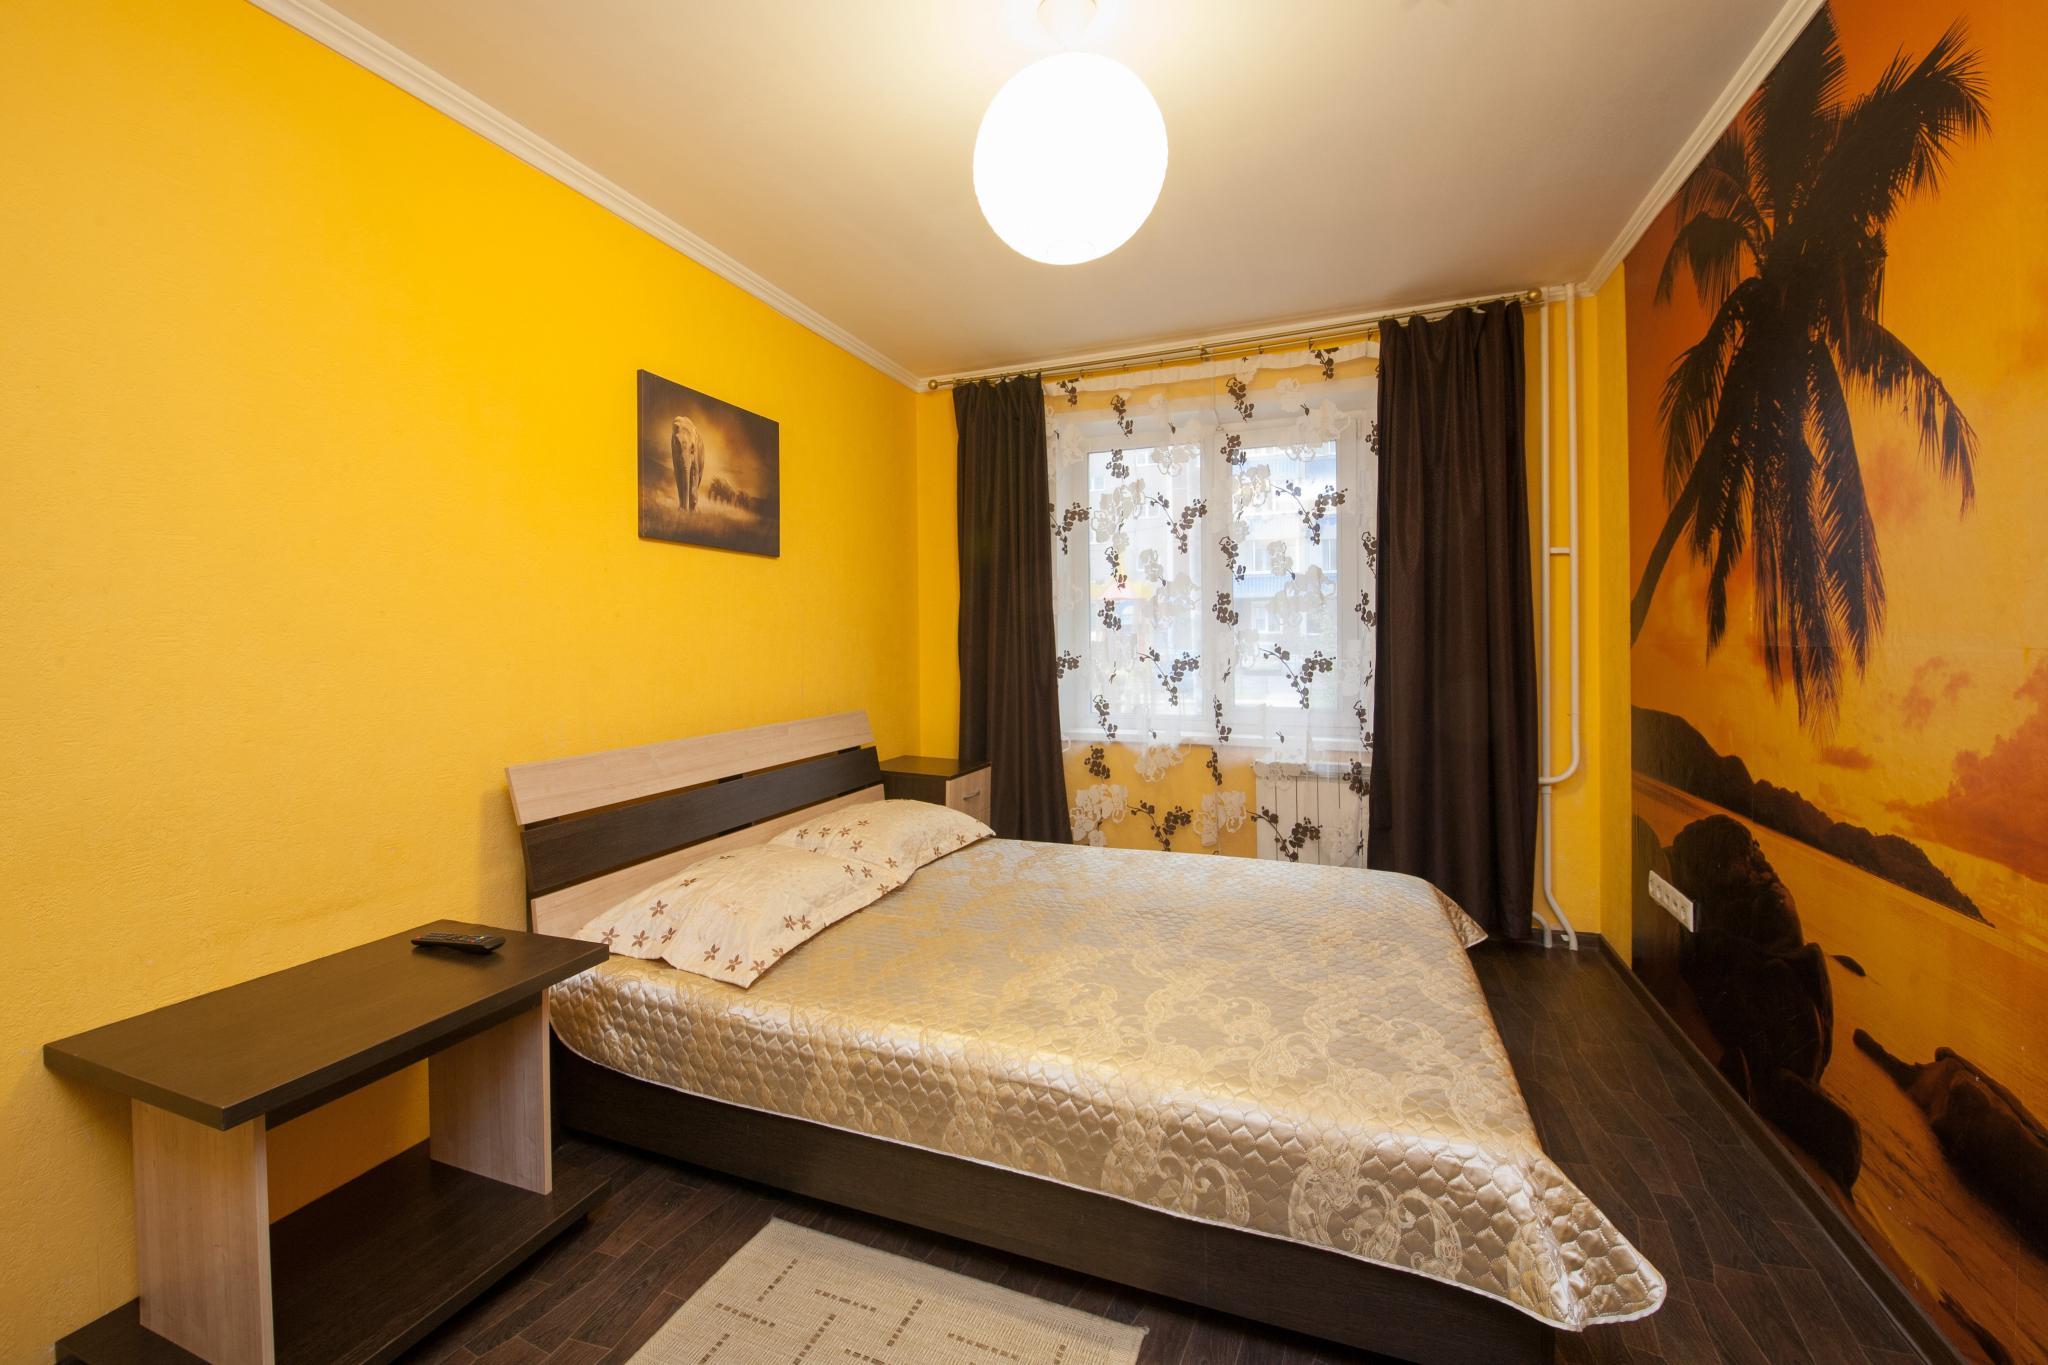 помощью кадрирования гостиницы и квартиры в красноярске красивого янтарного